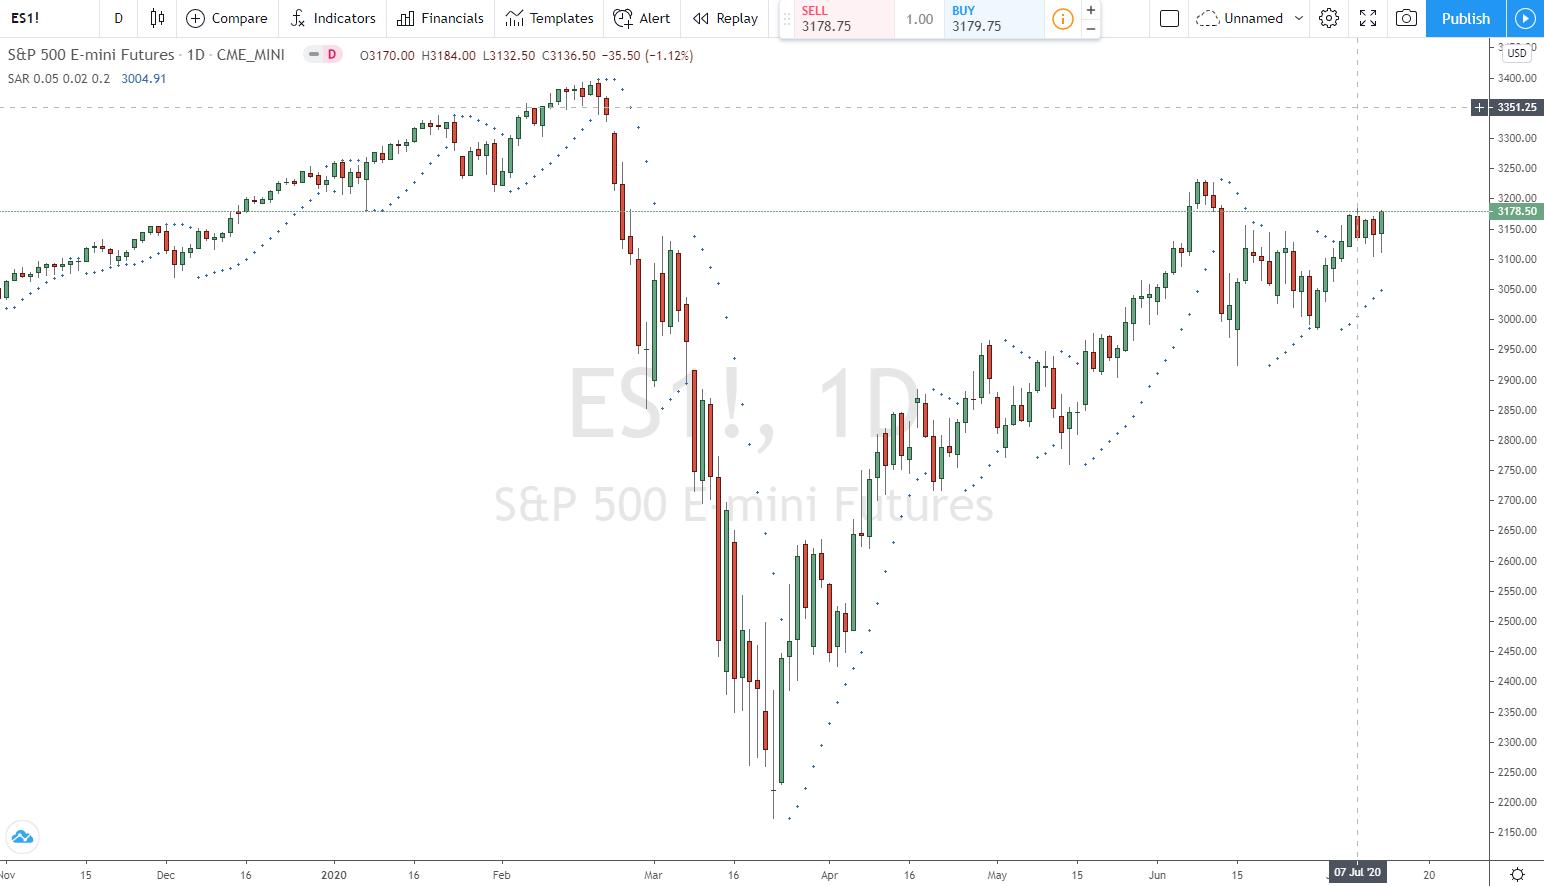 S&P500 Tageschart mit Parabolic SAR enge Stop Loss Einstellungen